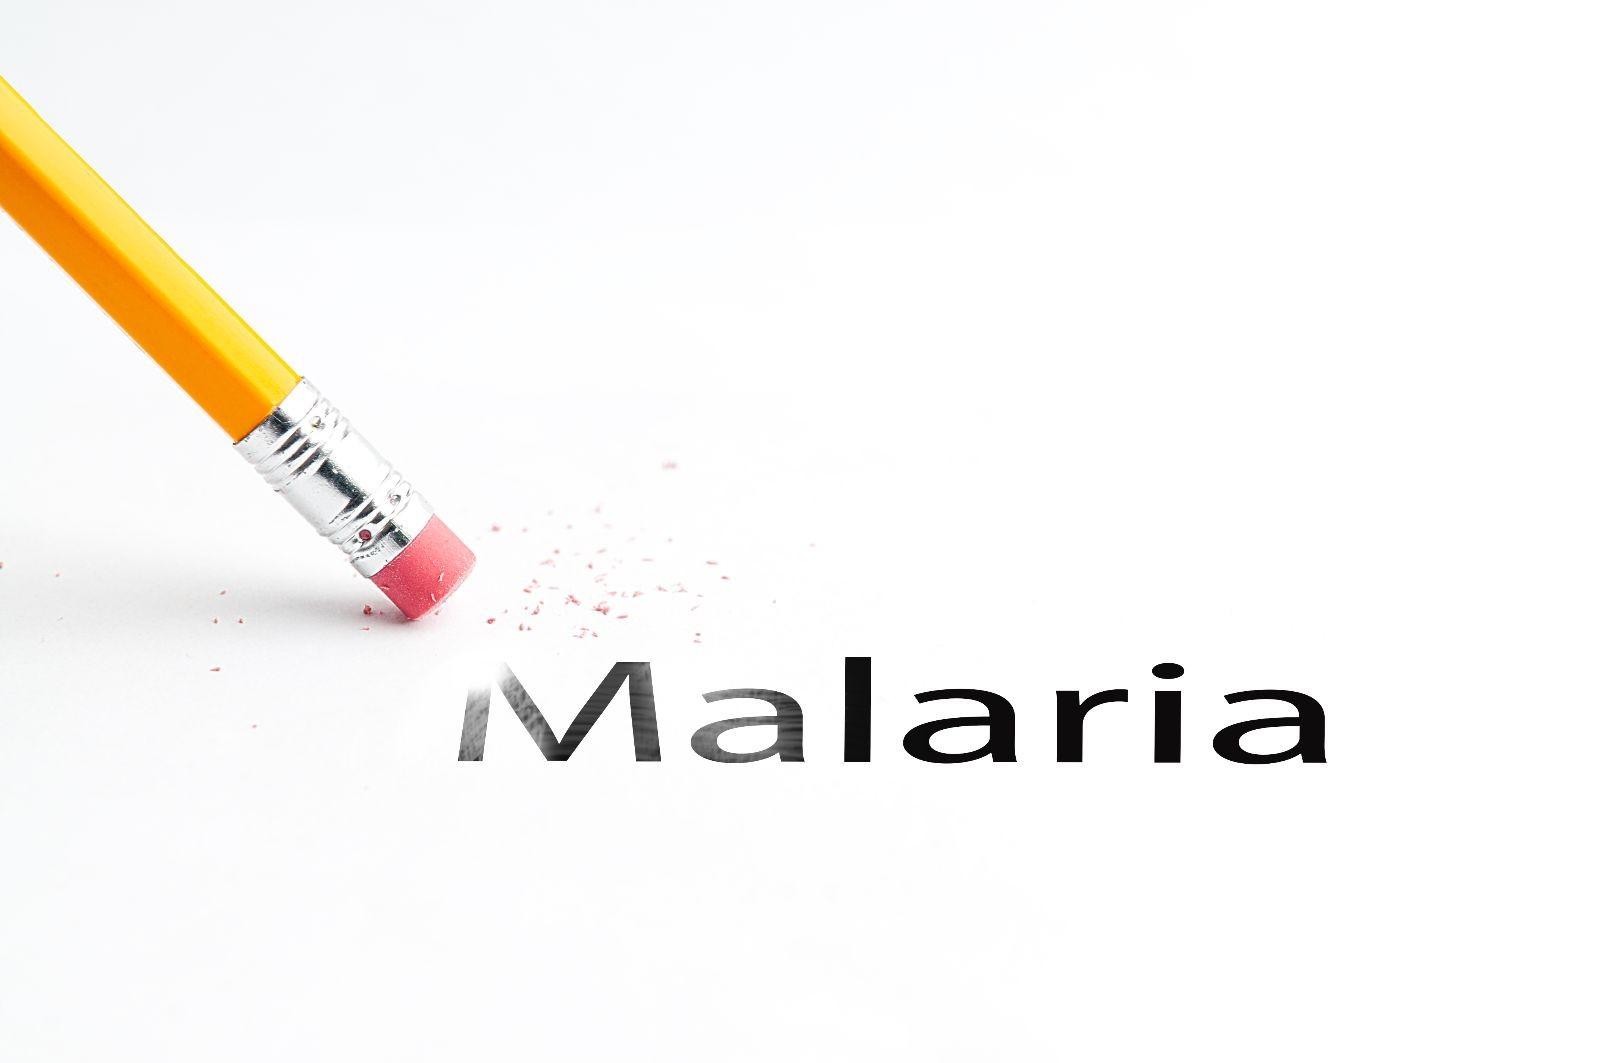 Acercamiento a un lápiz borrando la palabra MALARIA